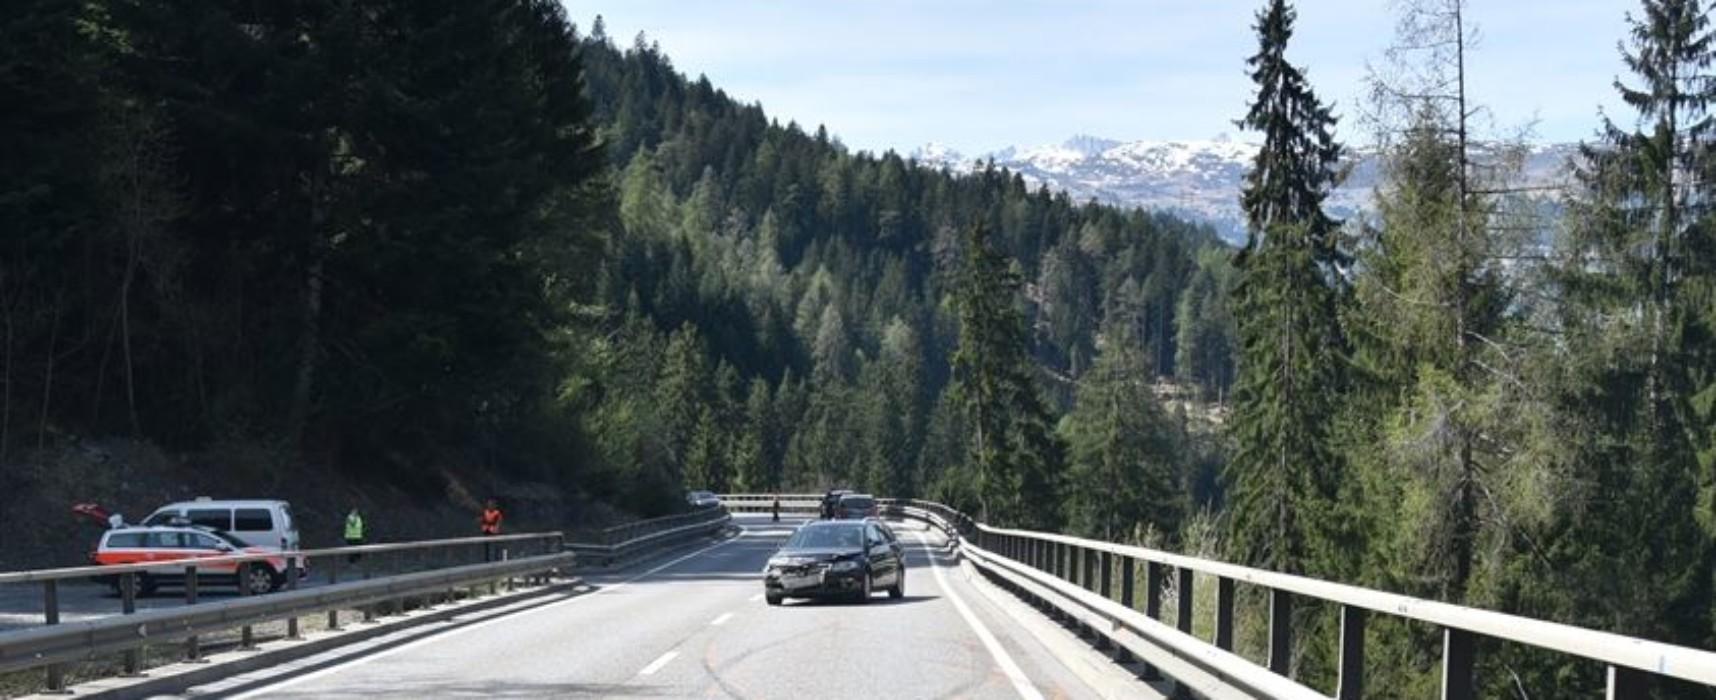 Unfall in Sils / Domleschg nach Überholmanöver: